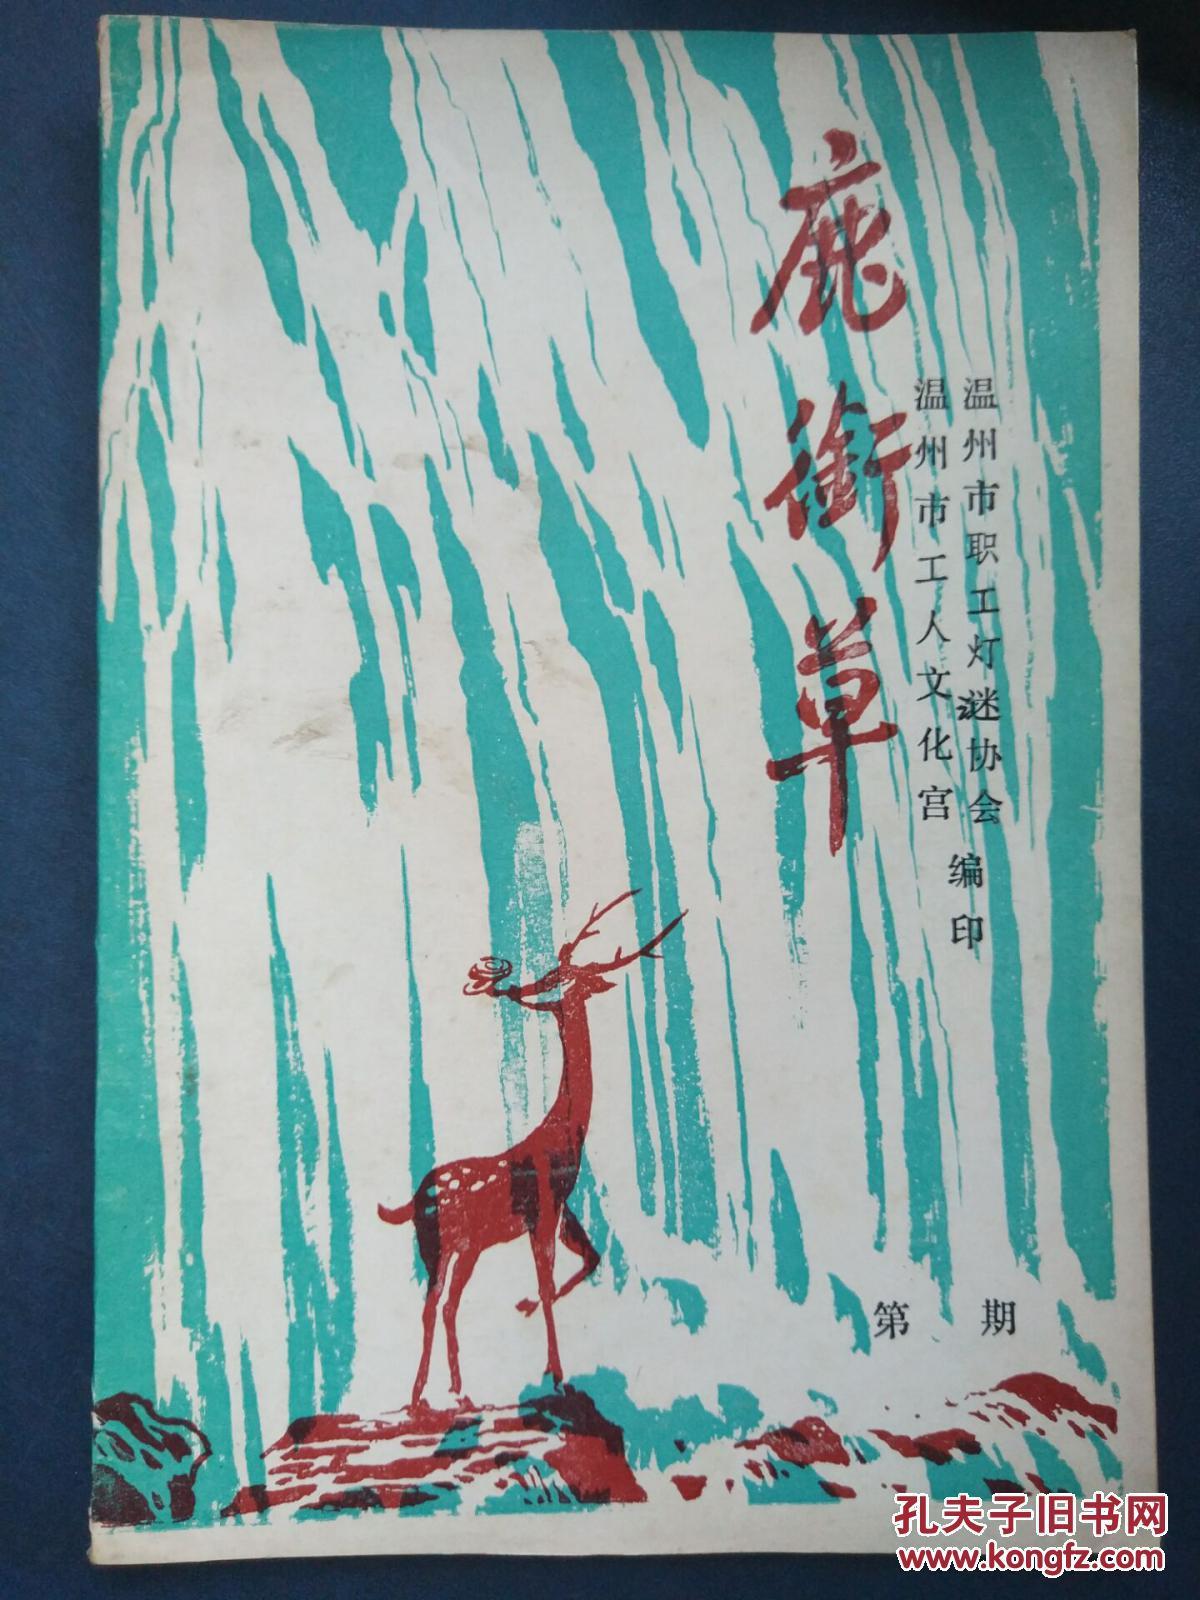 【鹿衔草(1991年总第28期)】税法灯谜集锦,省(自治区)图片